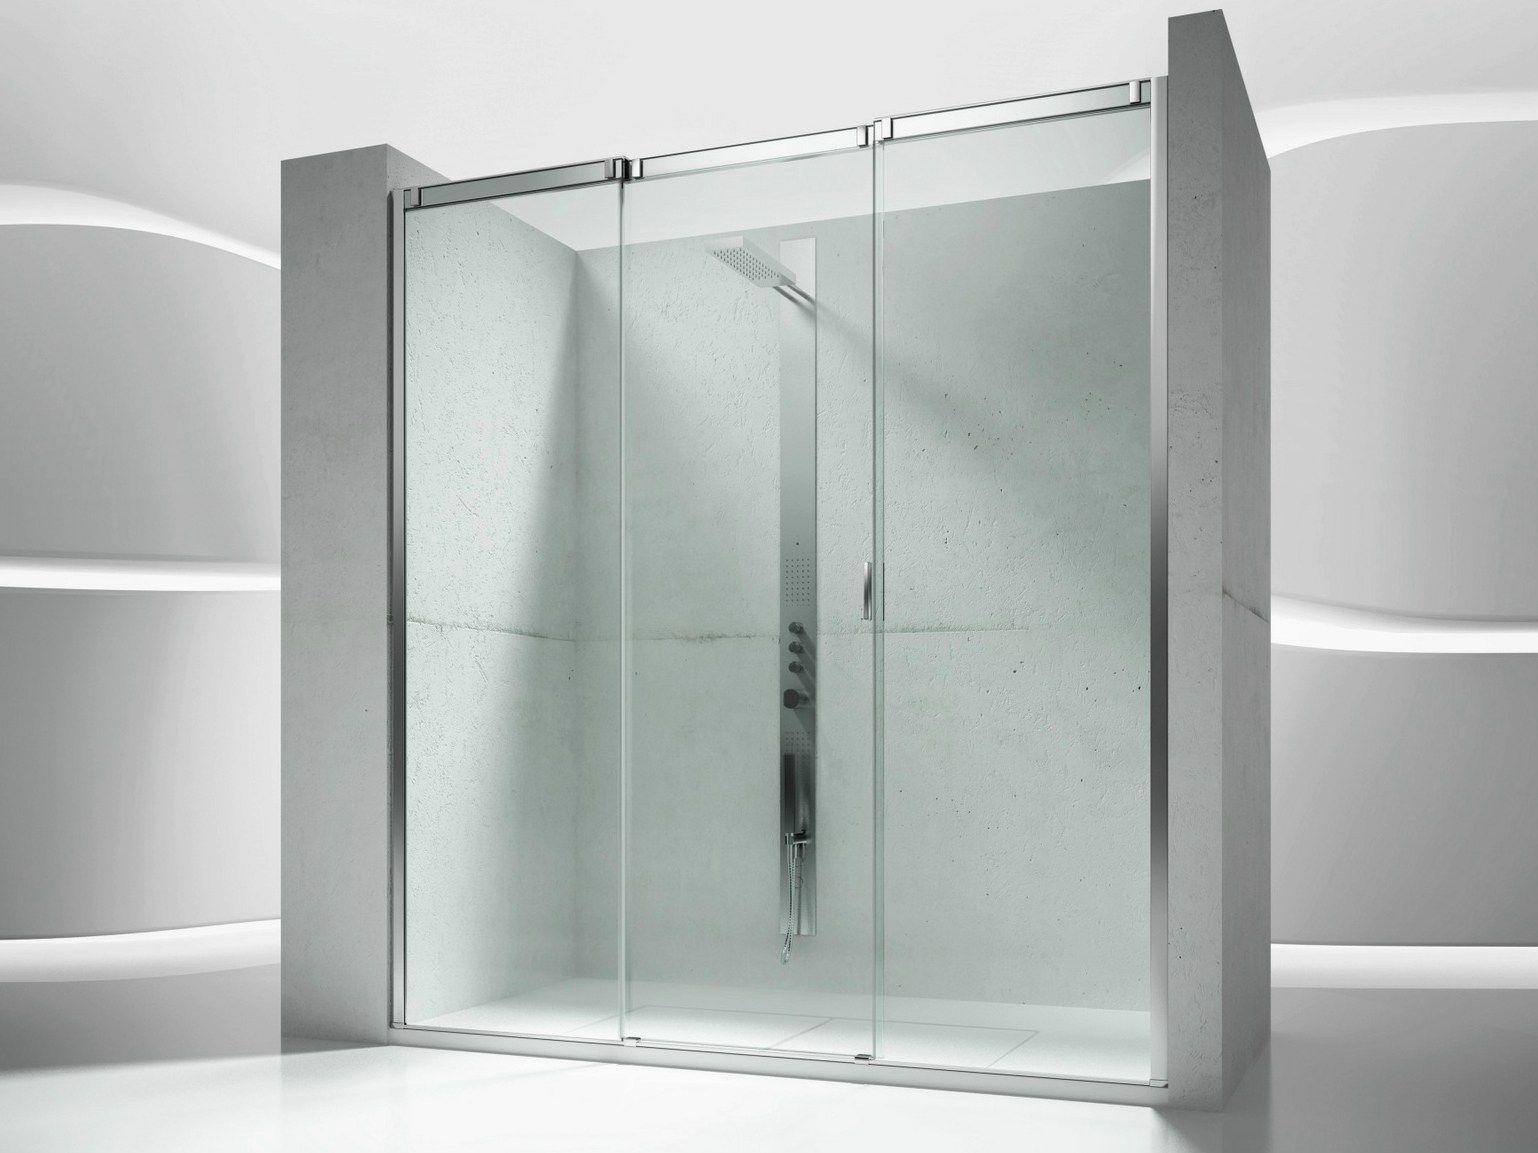 Puertas De Baño Vidrio Templado:Cabina de ducha en nicho de vidrio templado con puertas correderas